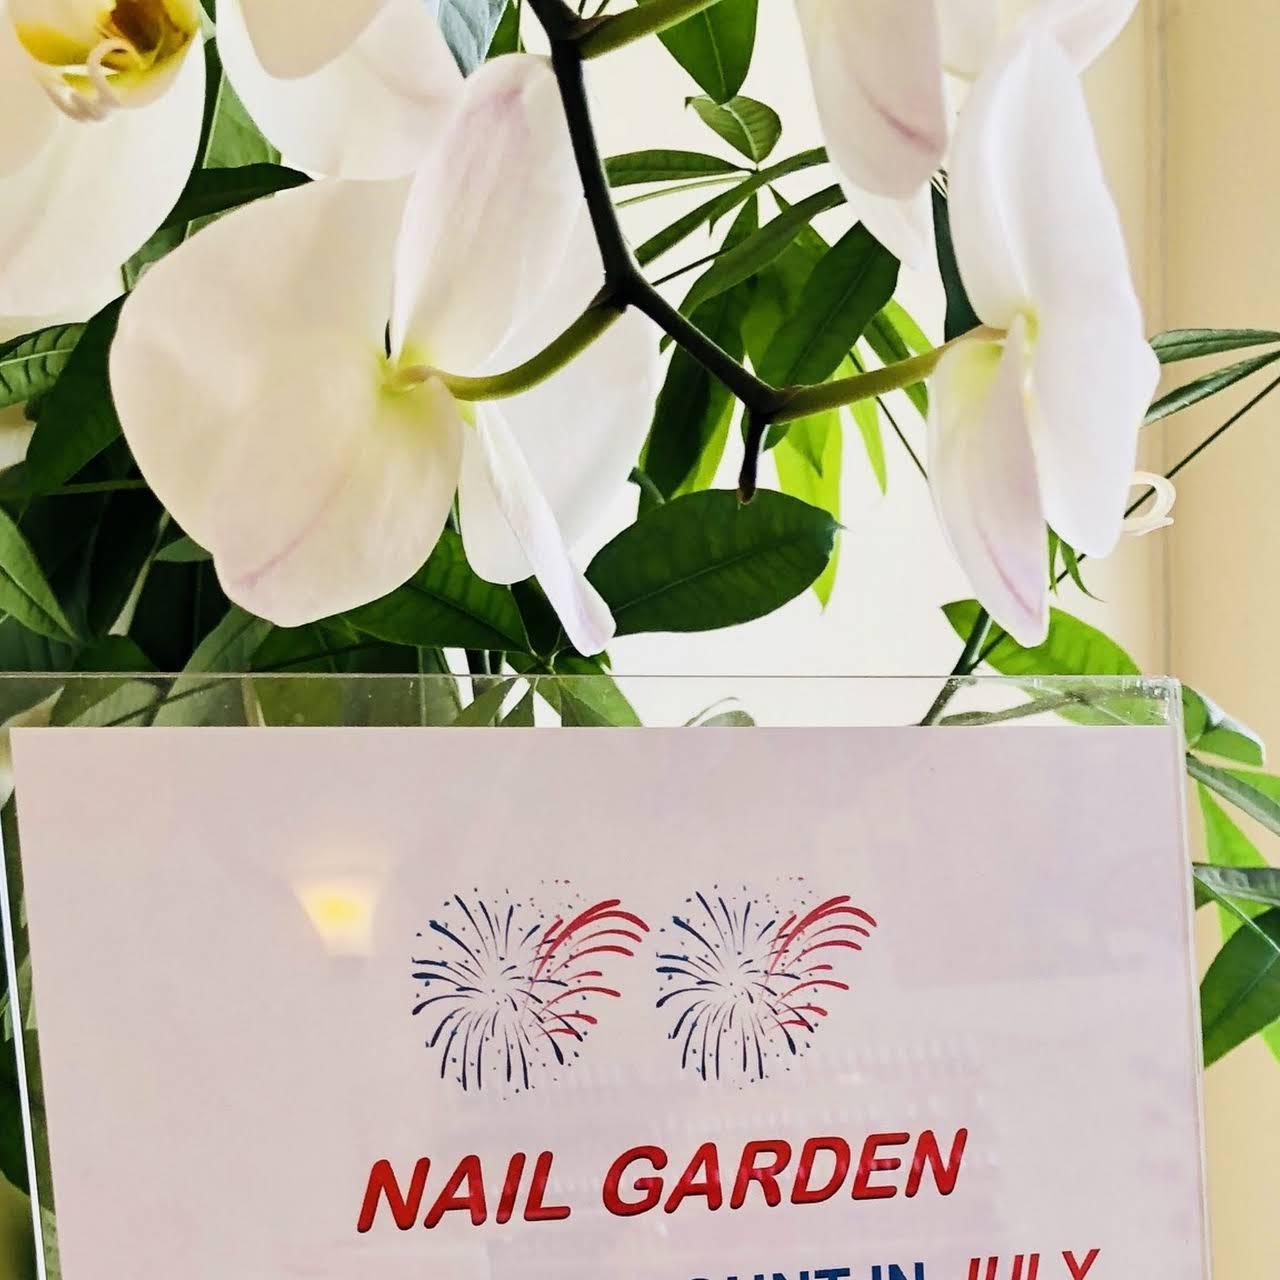 Dorable Nail Garden Ornament - Garden design - americanpatriotnews.info